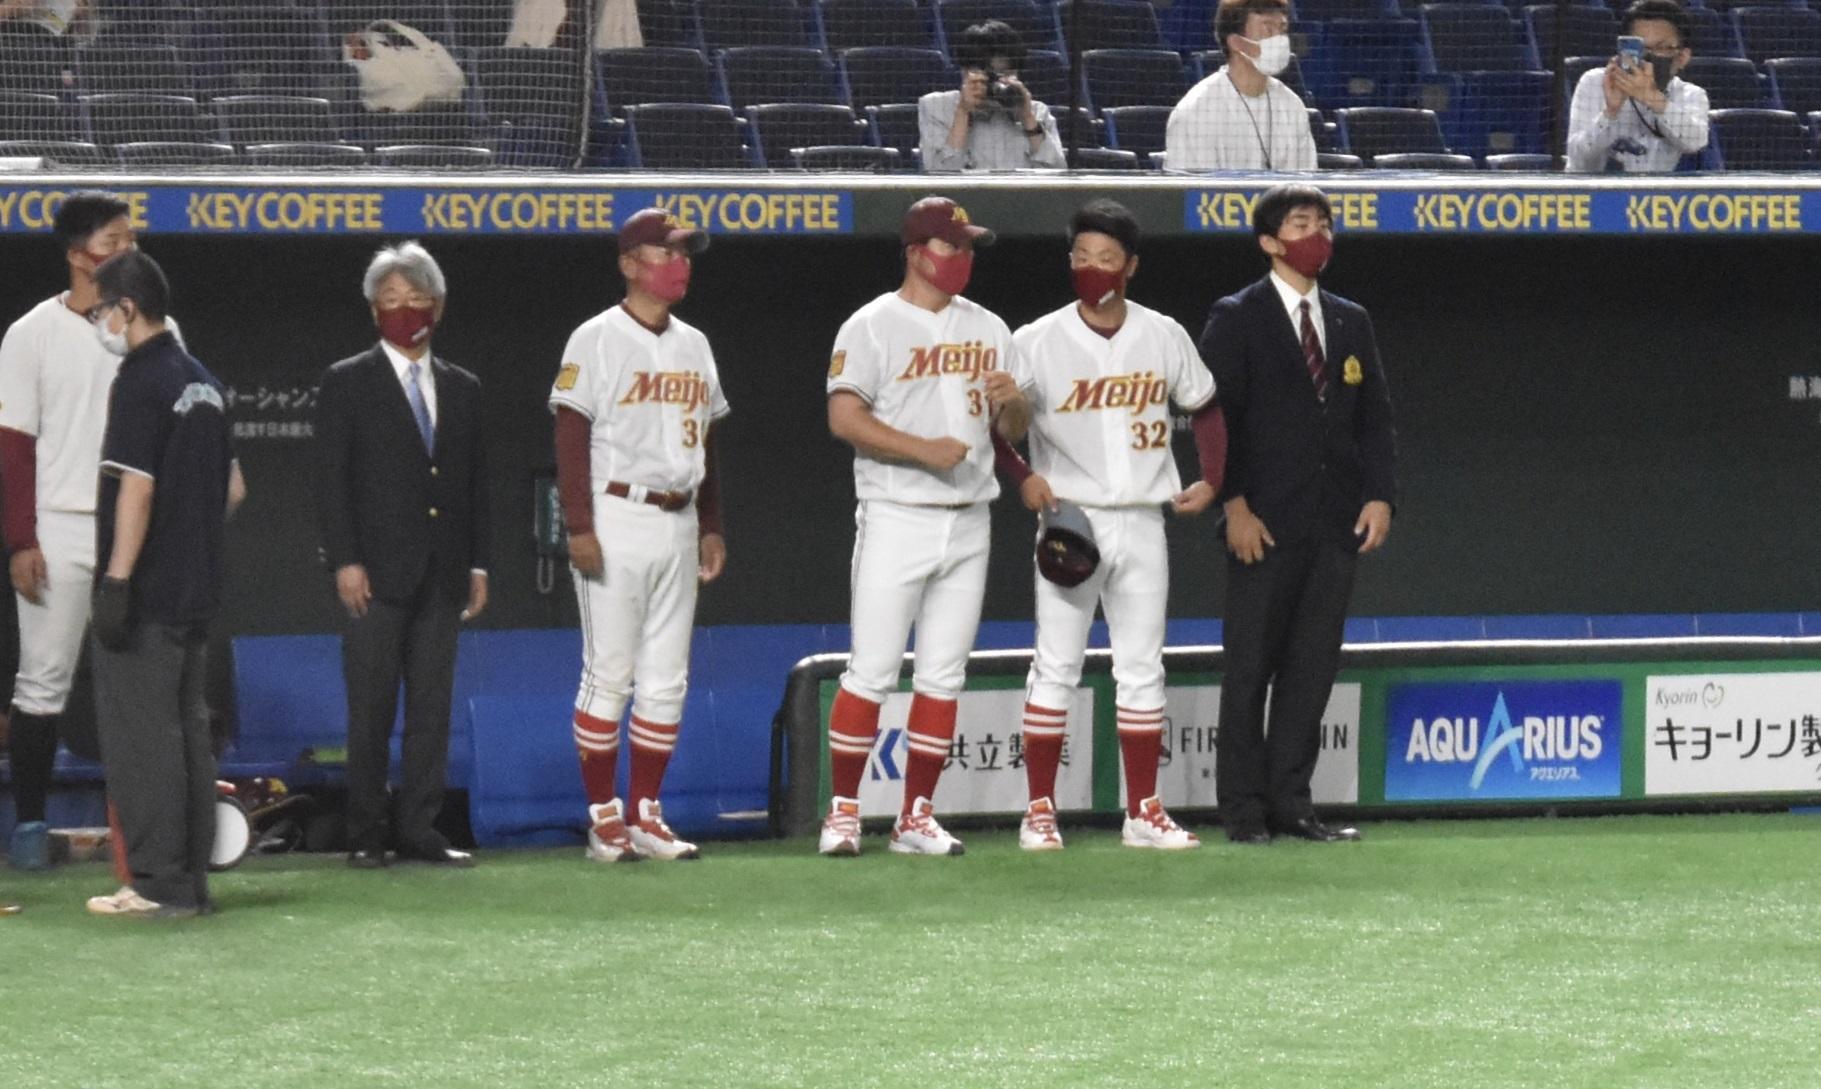 試合開始前に話をする森越コーチ(ベンチ前右から2人目)と山内コーチ(同3人目)=東京ドームで